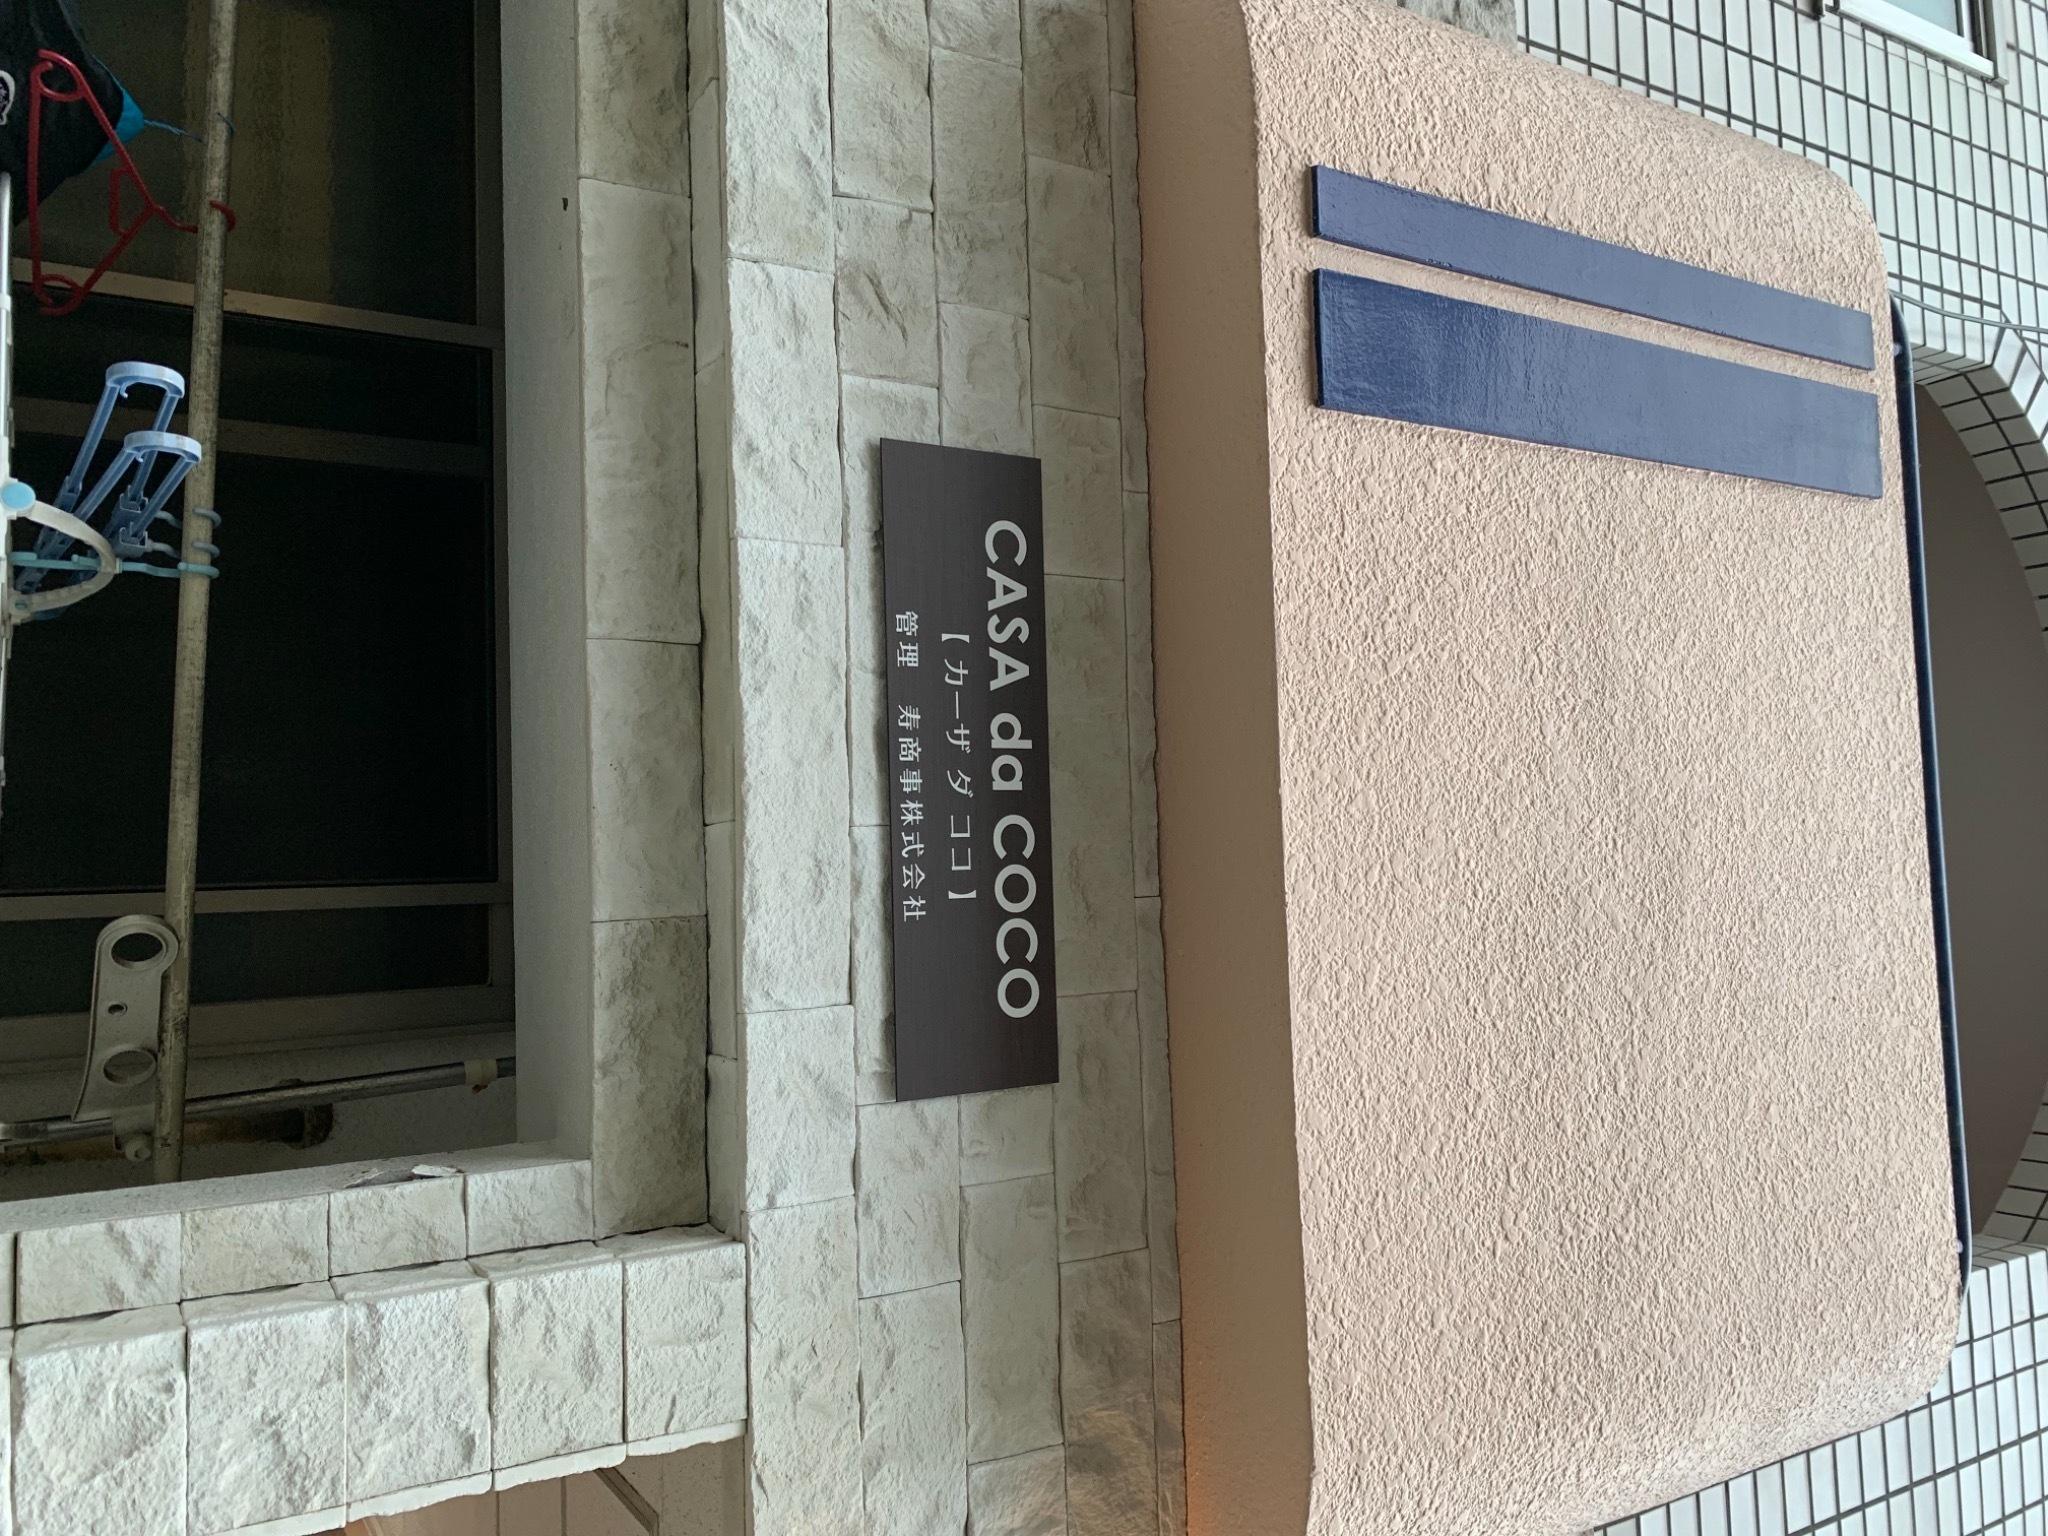 9GOLD HOUSE Shin Osaka 305